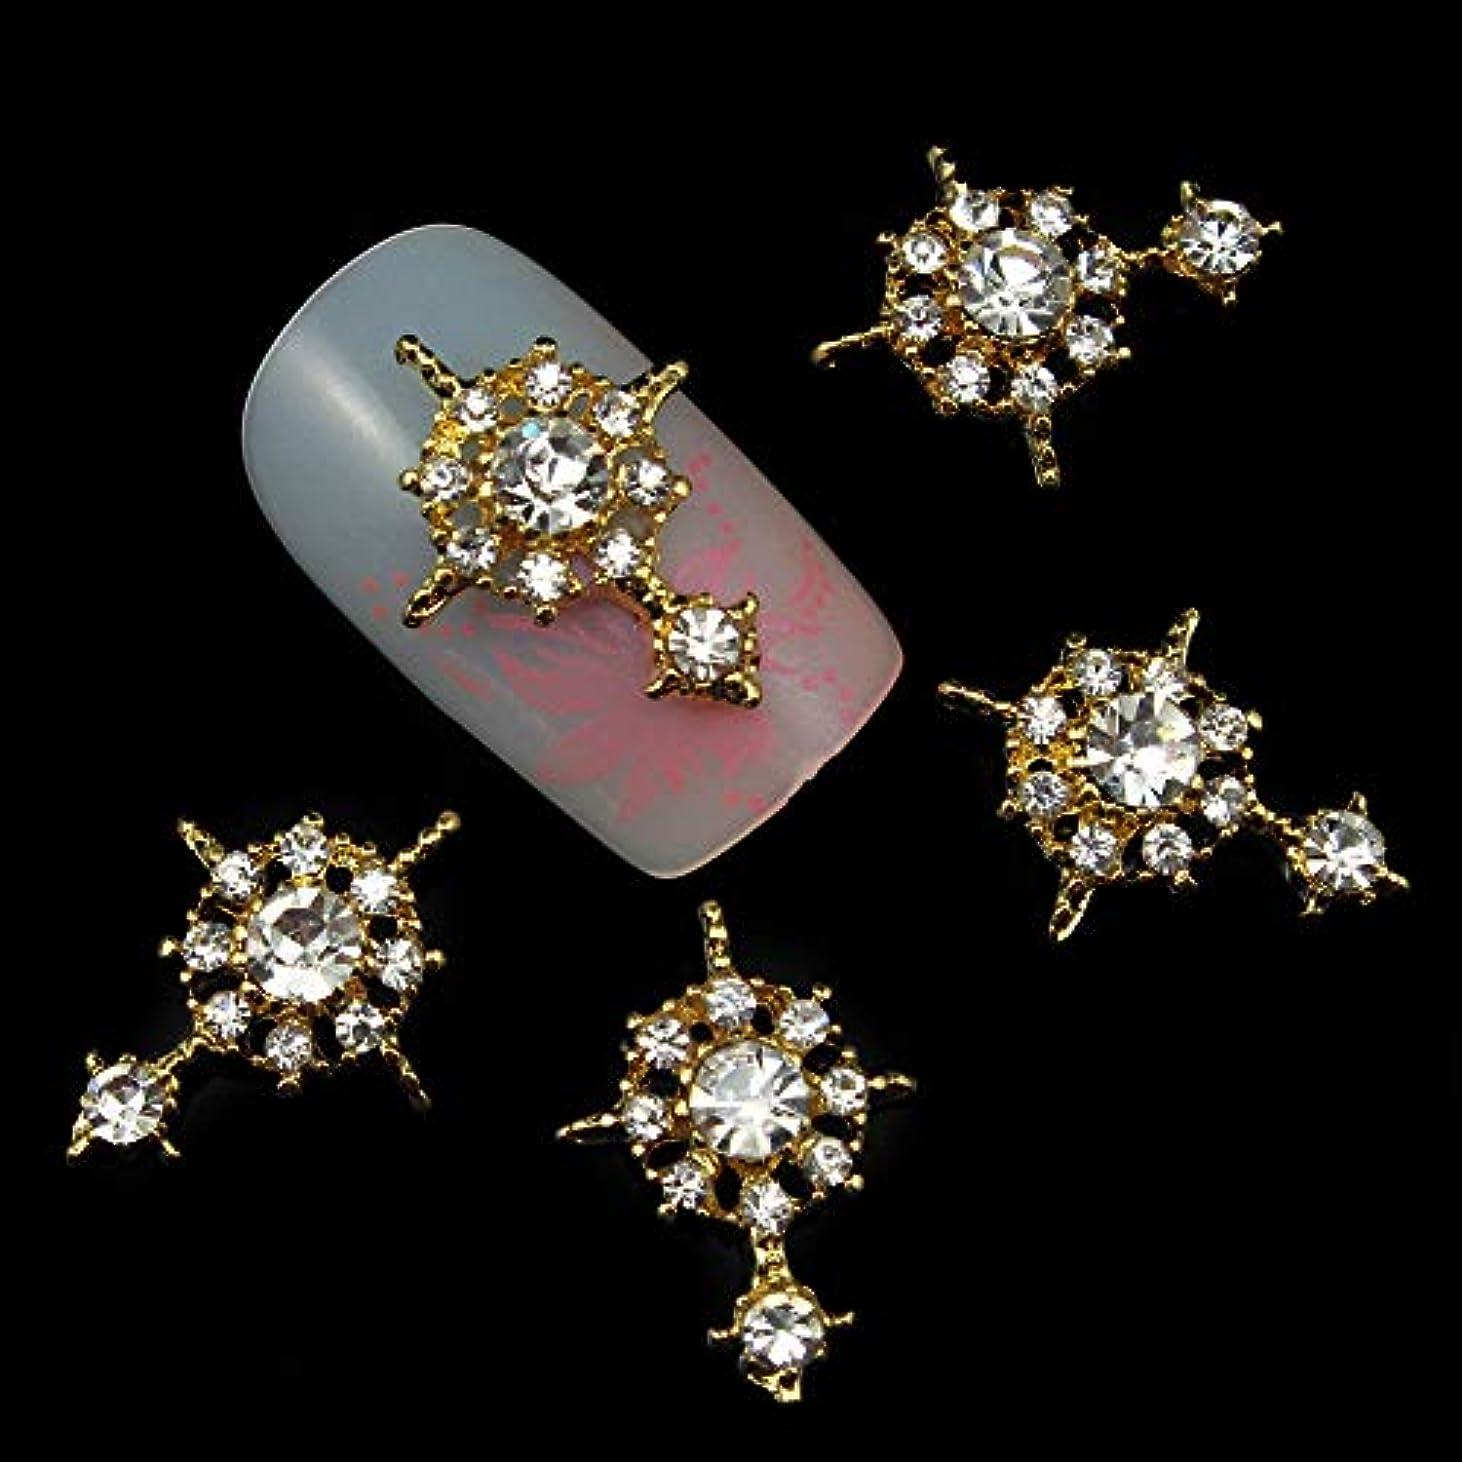 ハシー高度な落とし穴10個入りゴールドラダーネイルラインストーングリッター1セットの3Dネイルアートの装飾ゴールドチャームDIYネイルアクセサリー